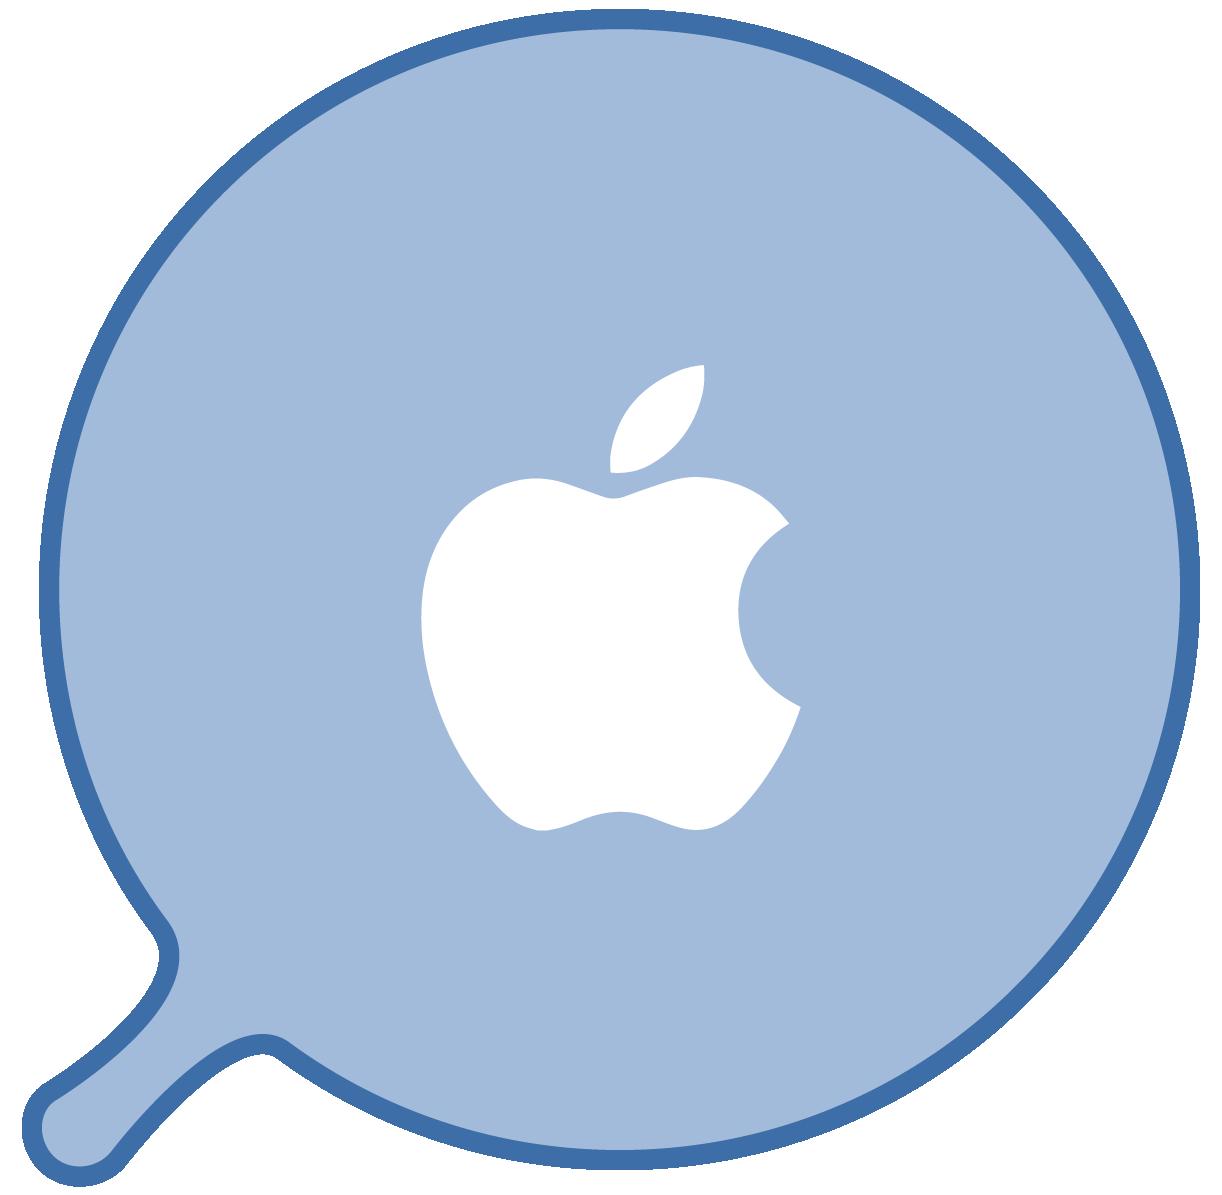 logos marcas-02